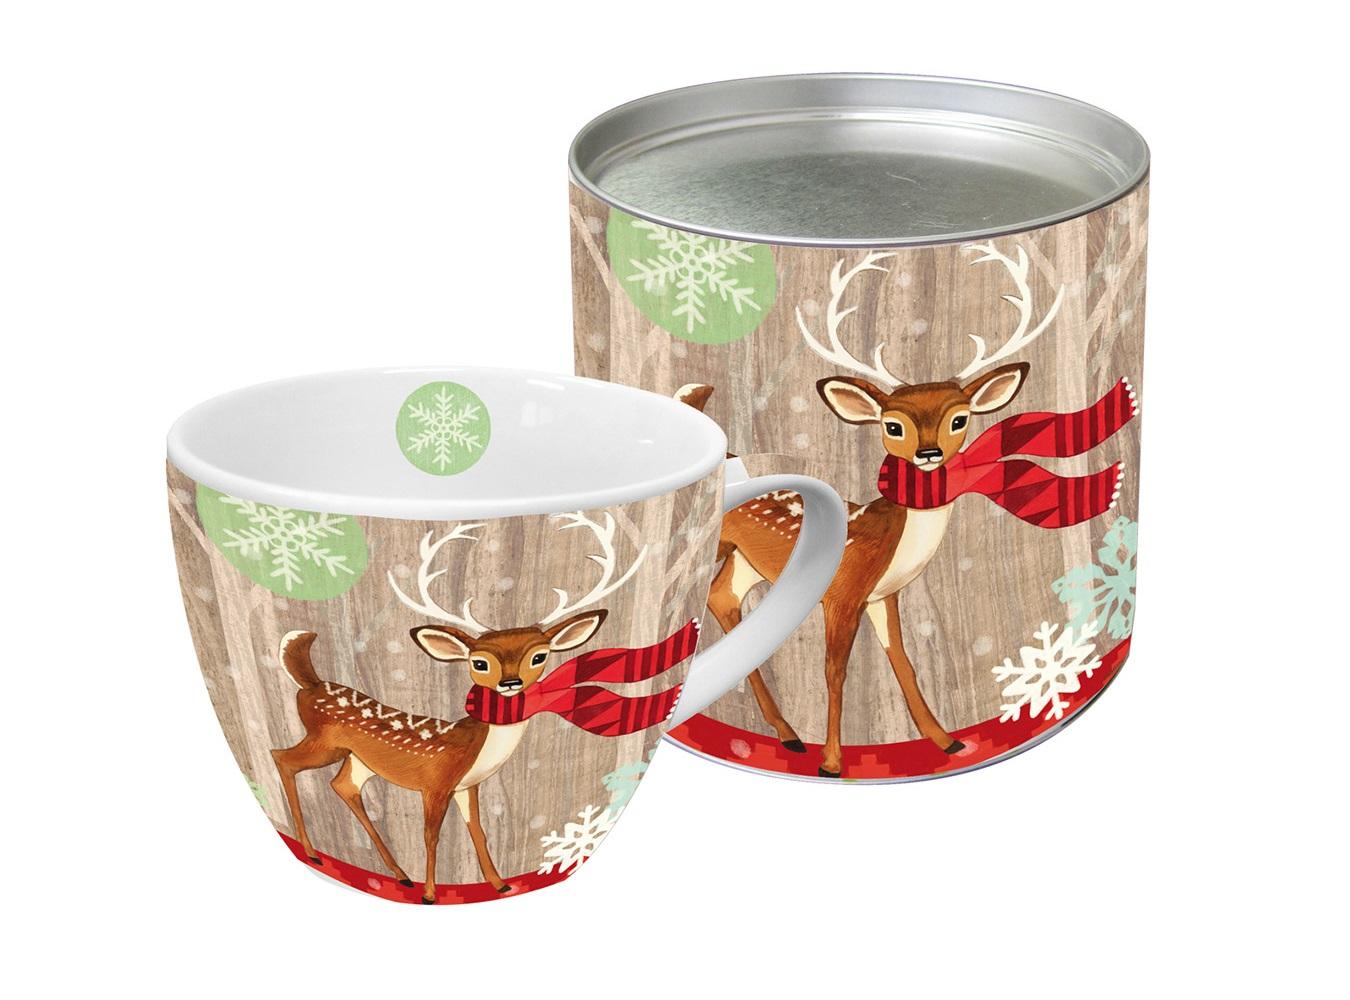 Кружка Deer with scarfСтаканы и кружки<br>Яркая большая кружка будет прекрасным рождественским подарком для друзей, а также родных и близких людей. Это не только красивый, но и функциональный подарок, который не оставит равнодушным даже самого взыскательного любителя ароматного чая.<br>Модель выполнена из высококачественного фарфора, благодаря чему прекрасно подойдет для использования в микроволновой печи и посудомоечной машине. Кружка имеет большой объем – 0,45 Л, поэтому подходит для чая, пунша, морса и других любимых напитков. Отличительная особенность – это сочный красочный принт в виде оленя с шарфом. К кружке прилагается подарочная коробка с идентичным дизайном.<br><br>Material: Фарфор<br>Height см: 9,5<br>Diameter см: 10,7